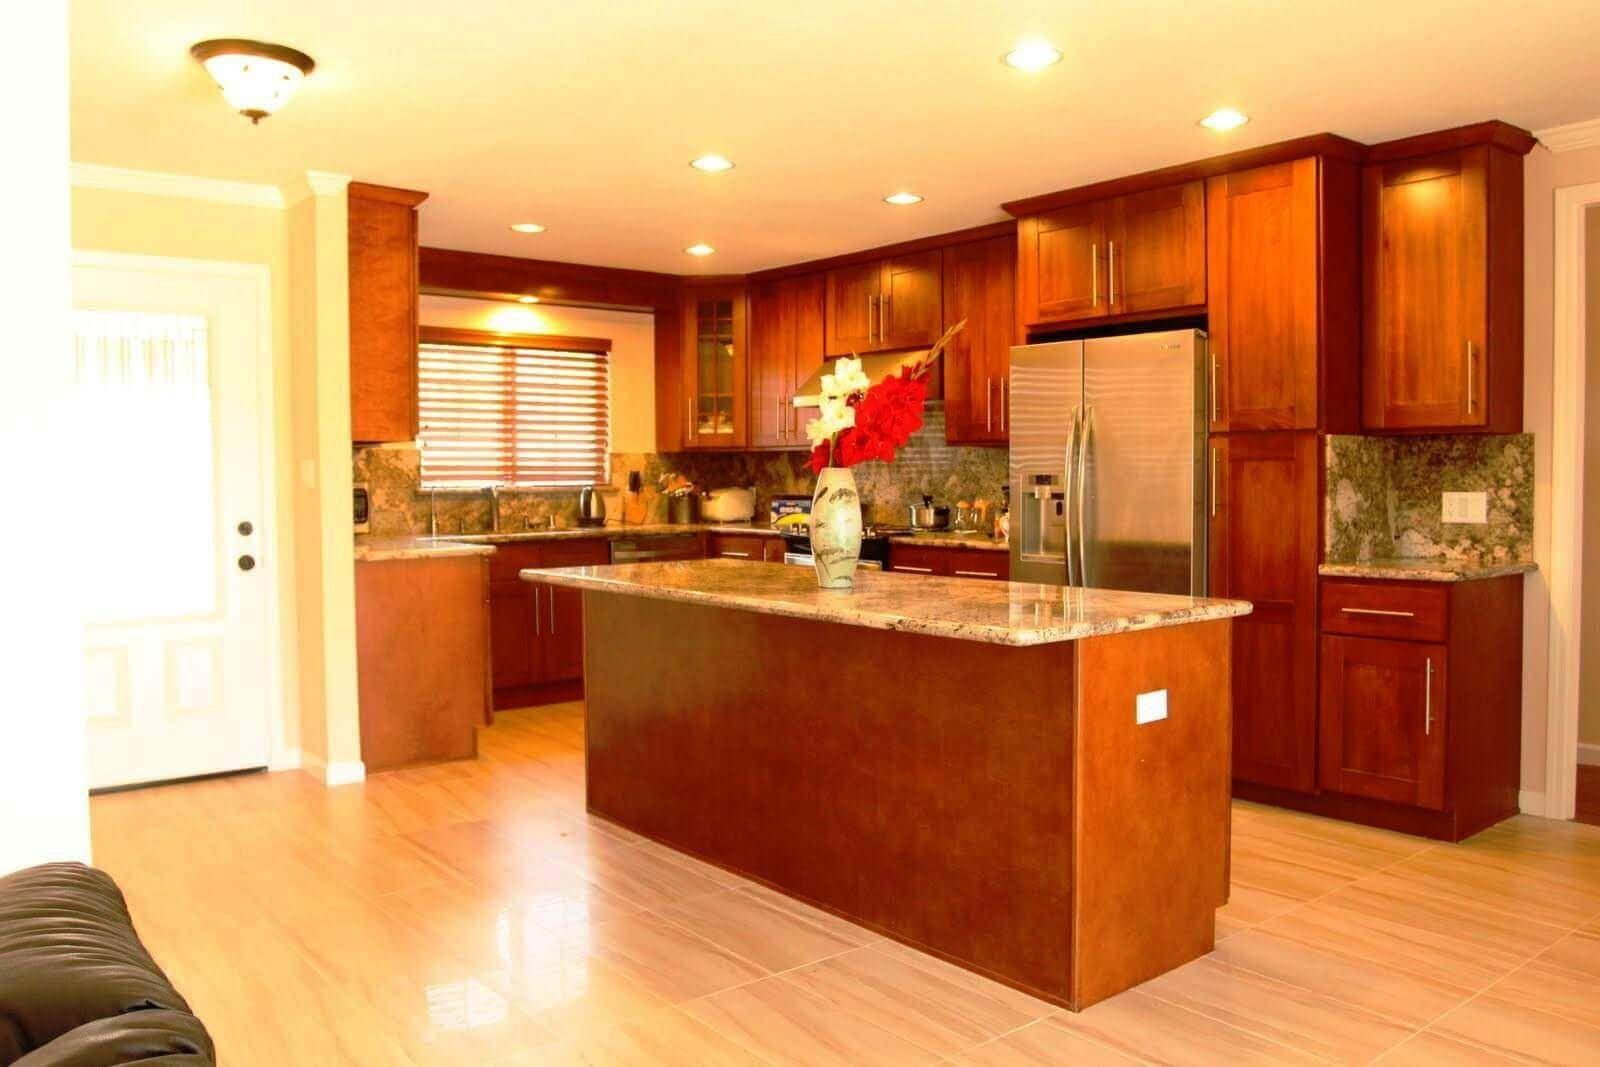 Kirsche Holz Küche Schränke Schlafzimmer Dekorieren Ideen